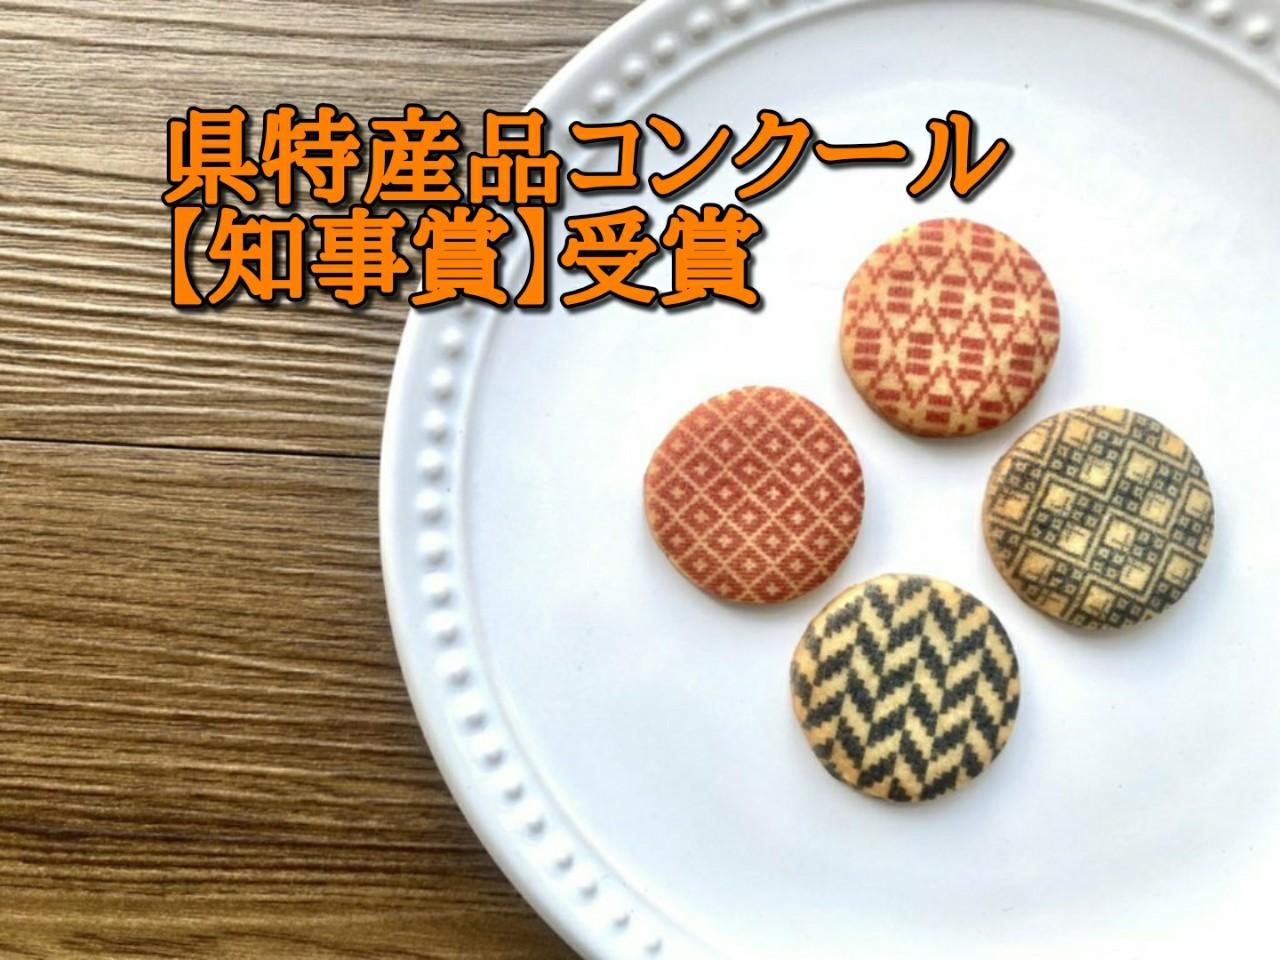 【知事賞受賞!!】こぎんクッキー!!縄文クッキーなどもご紹介!